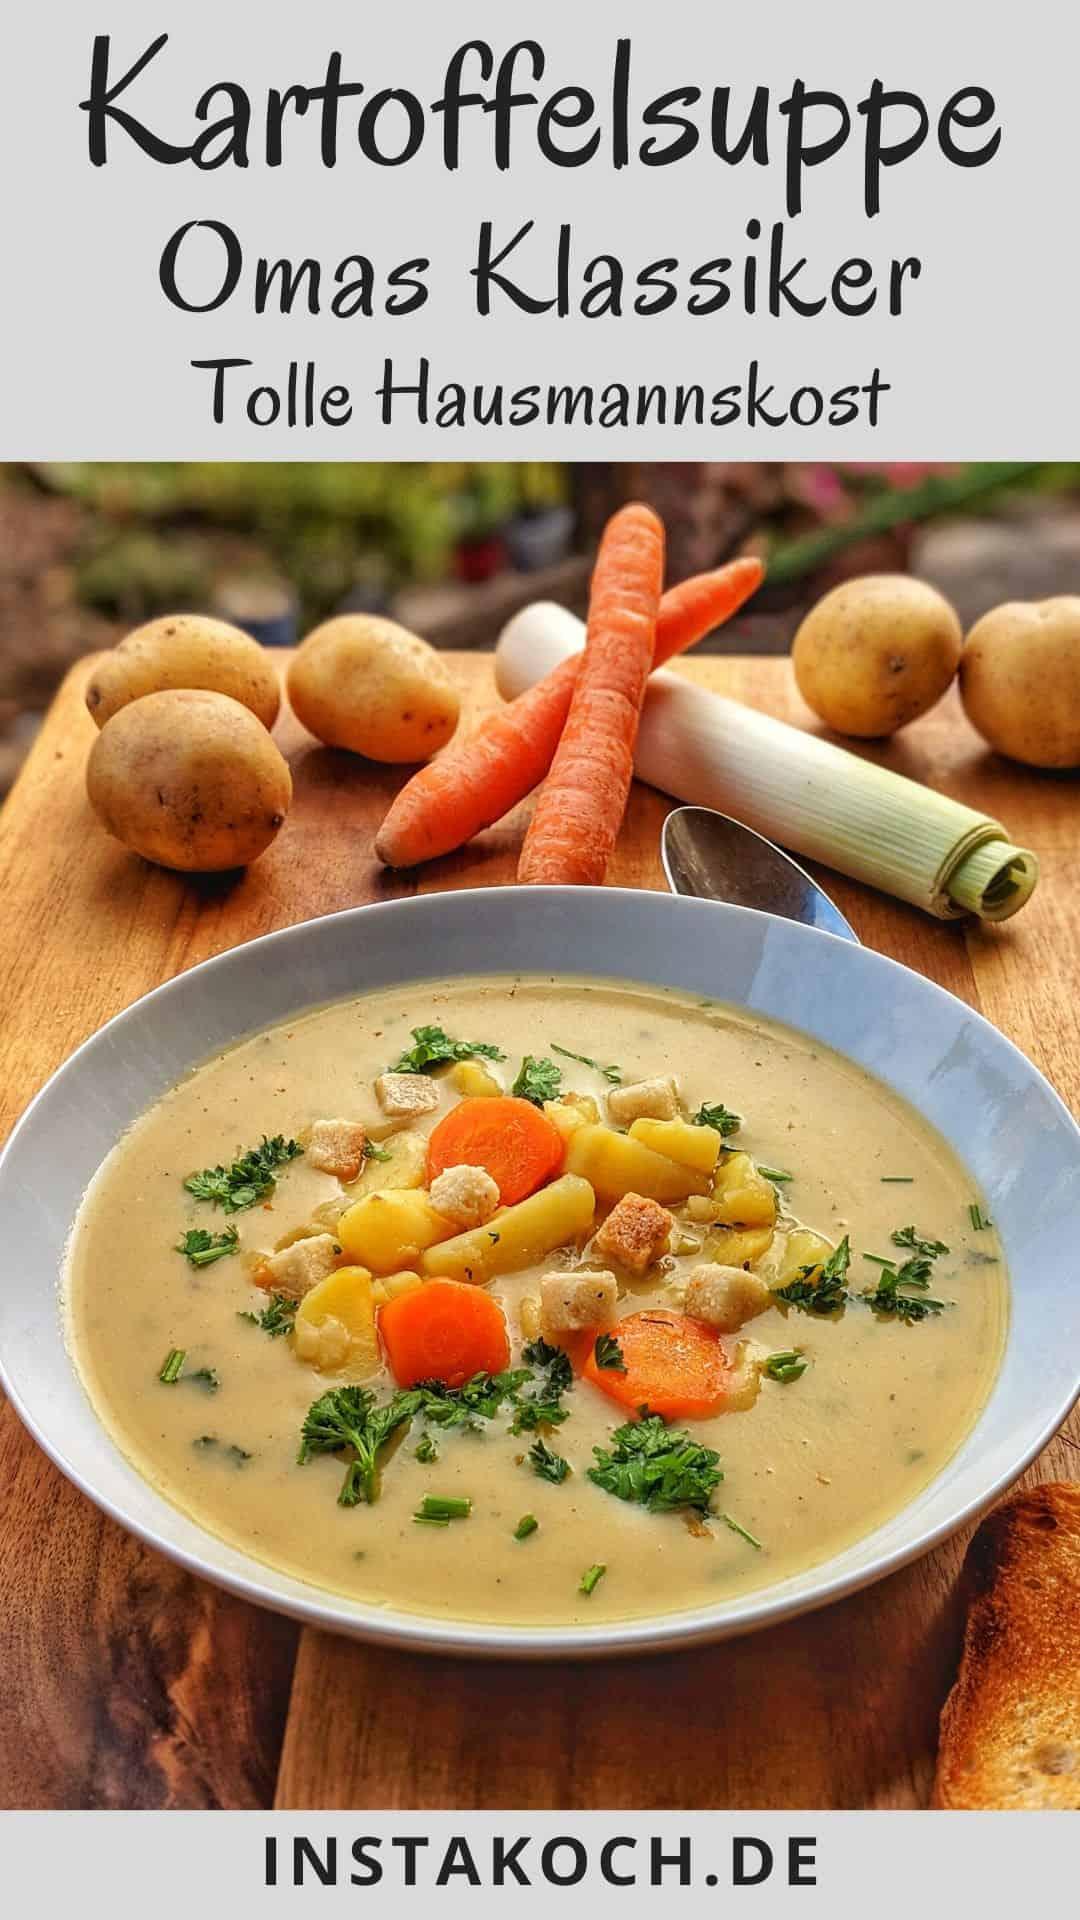 Ein tiefer Teller mit Kartoffelsuppe und im Hintergrund Gemüse als Dedko.